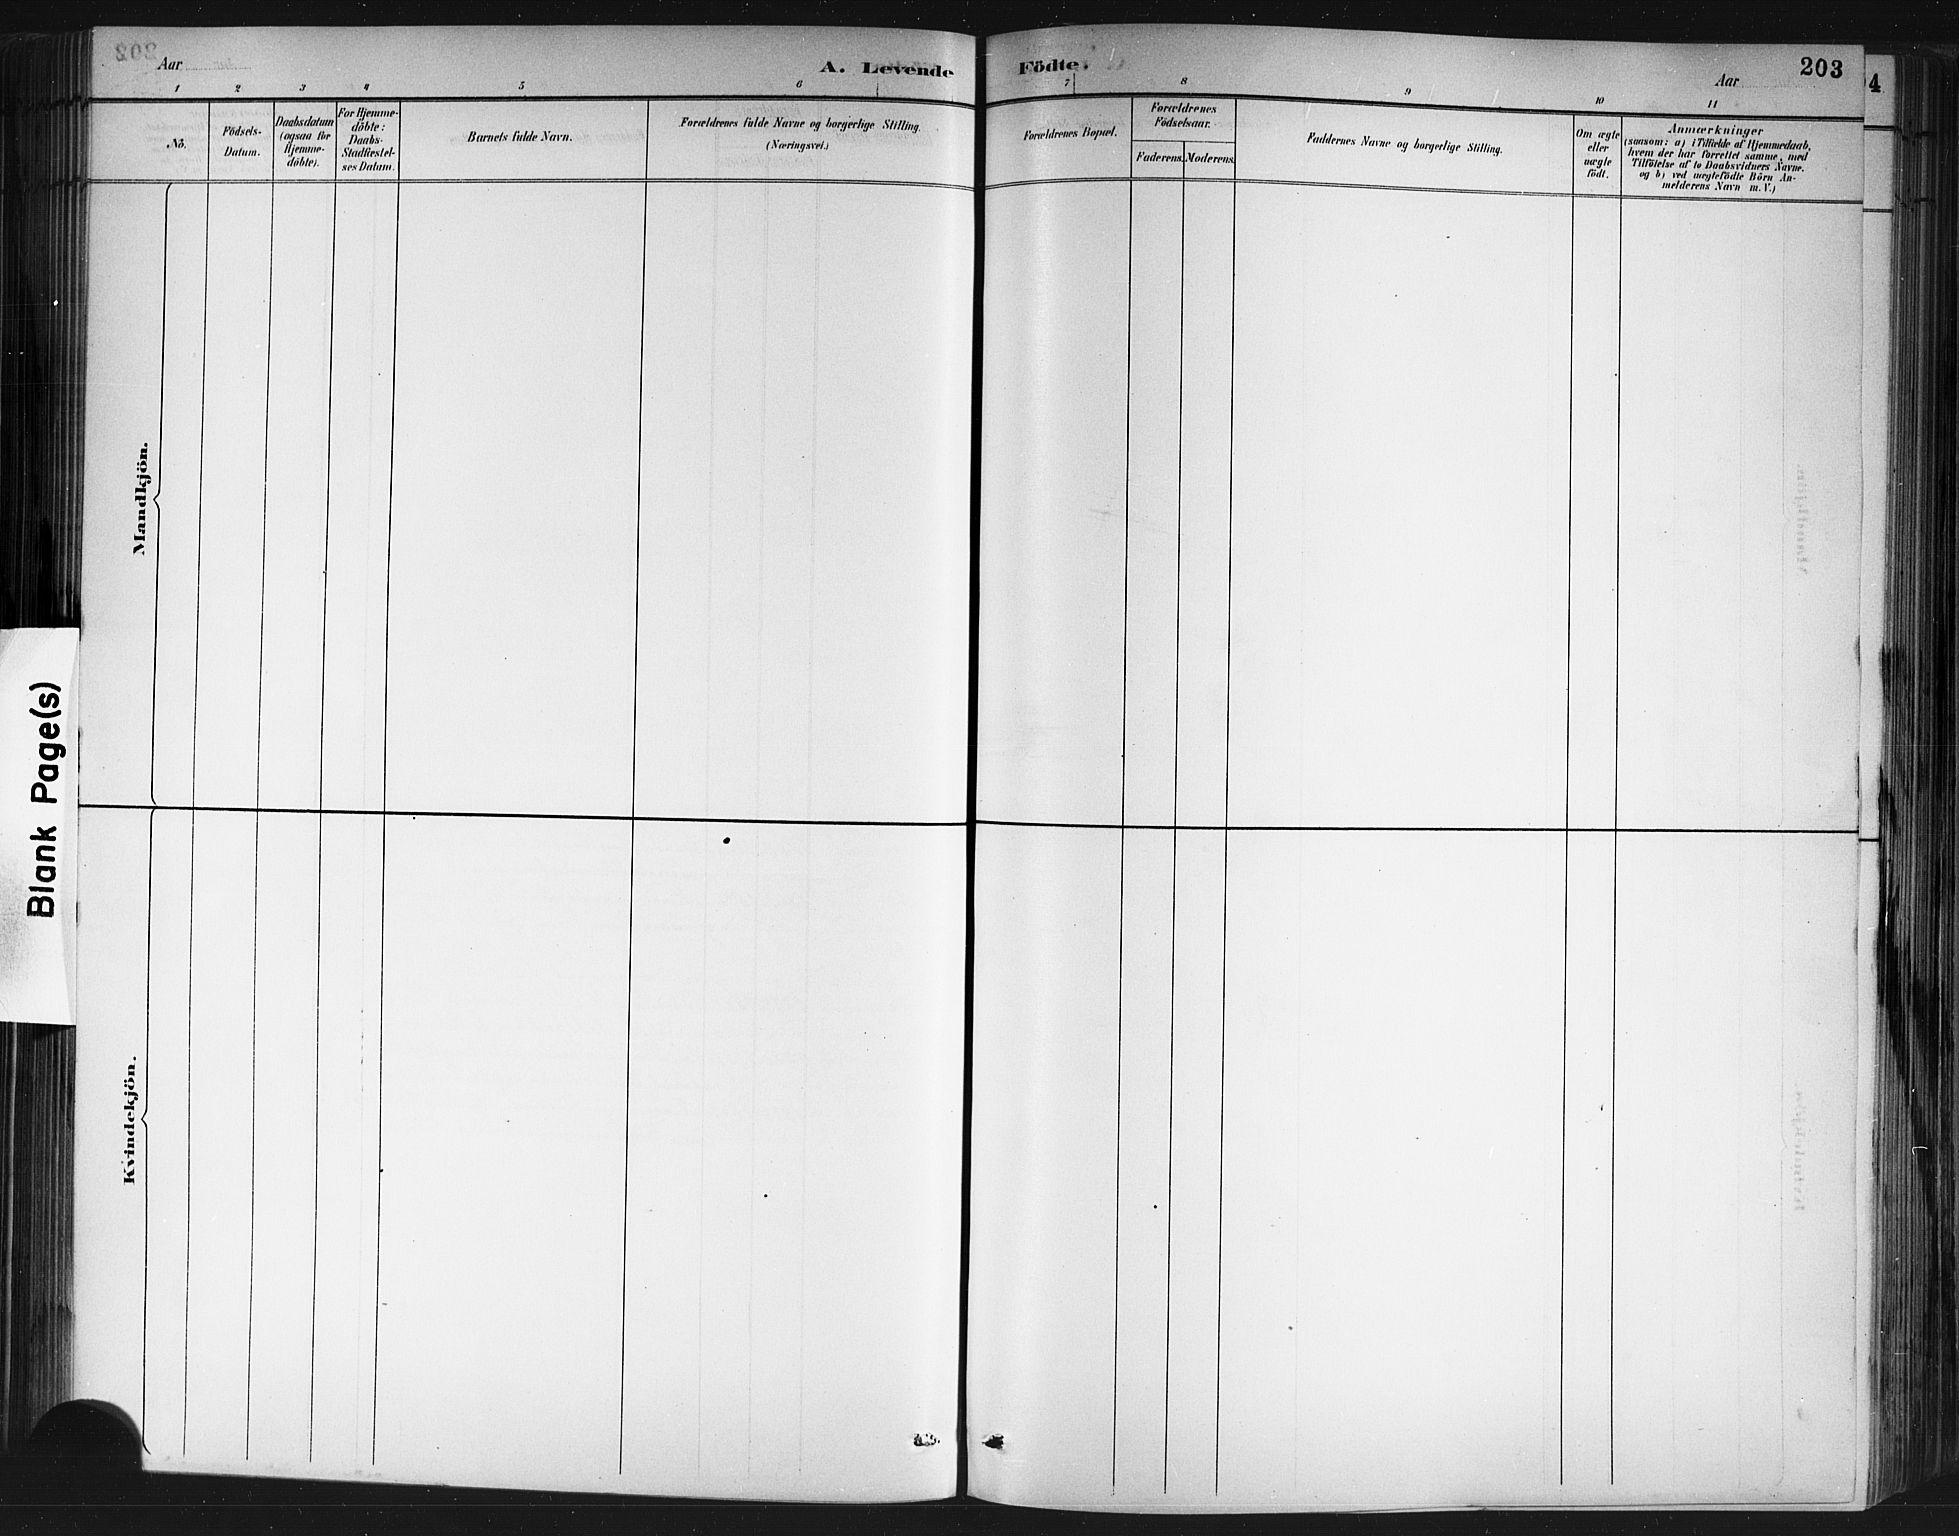 SAKO, Porsgrunn kirkebøker , G/Gb/L0005: Klokkerbok nr. II 5, 1883-1915, s. 203